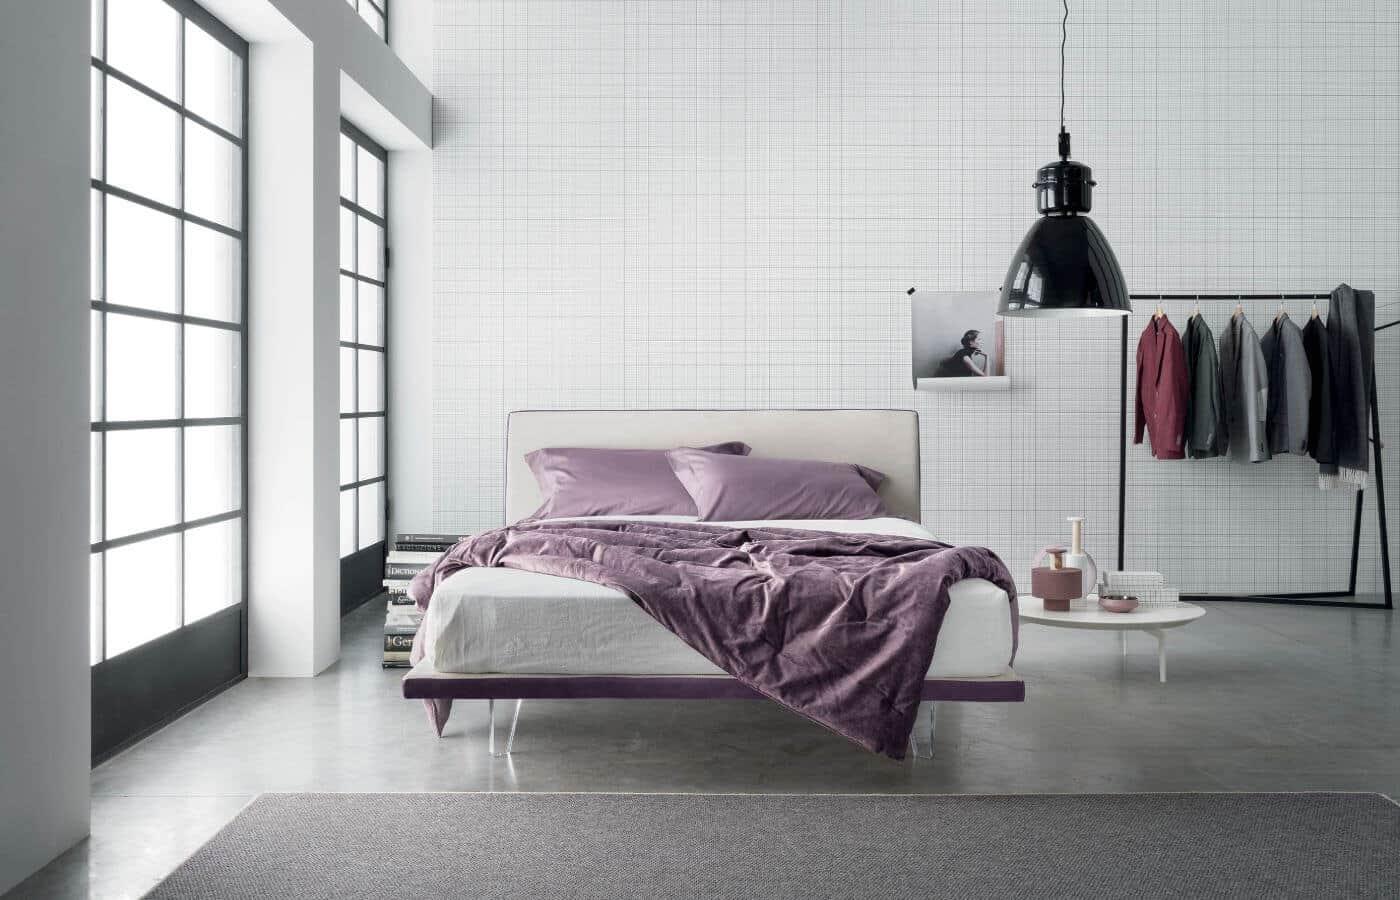 zona-notte-letto-collezione-firenze-il-mobile (1)